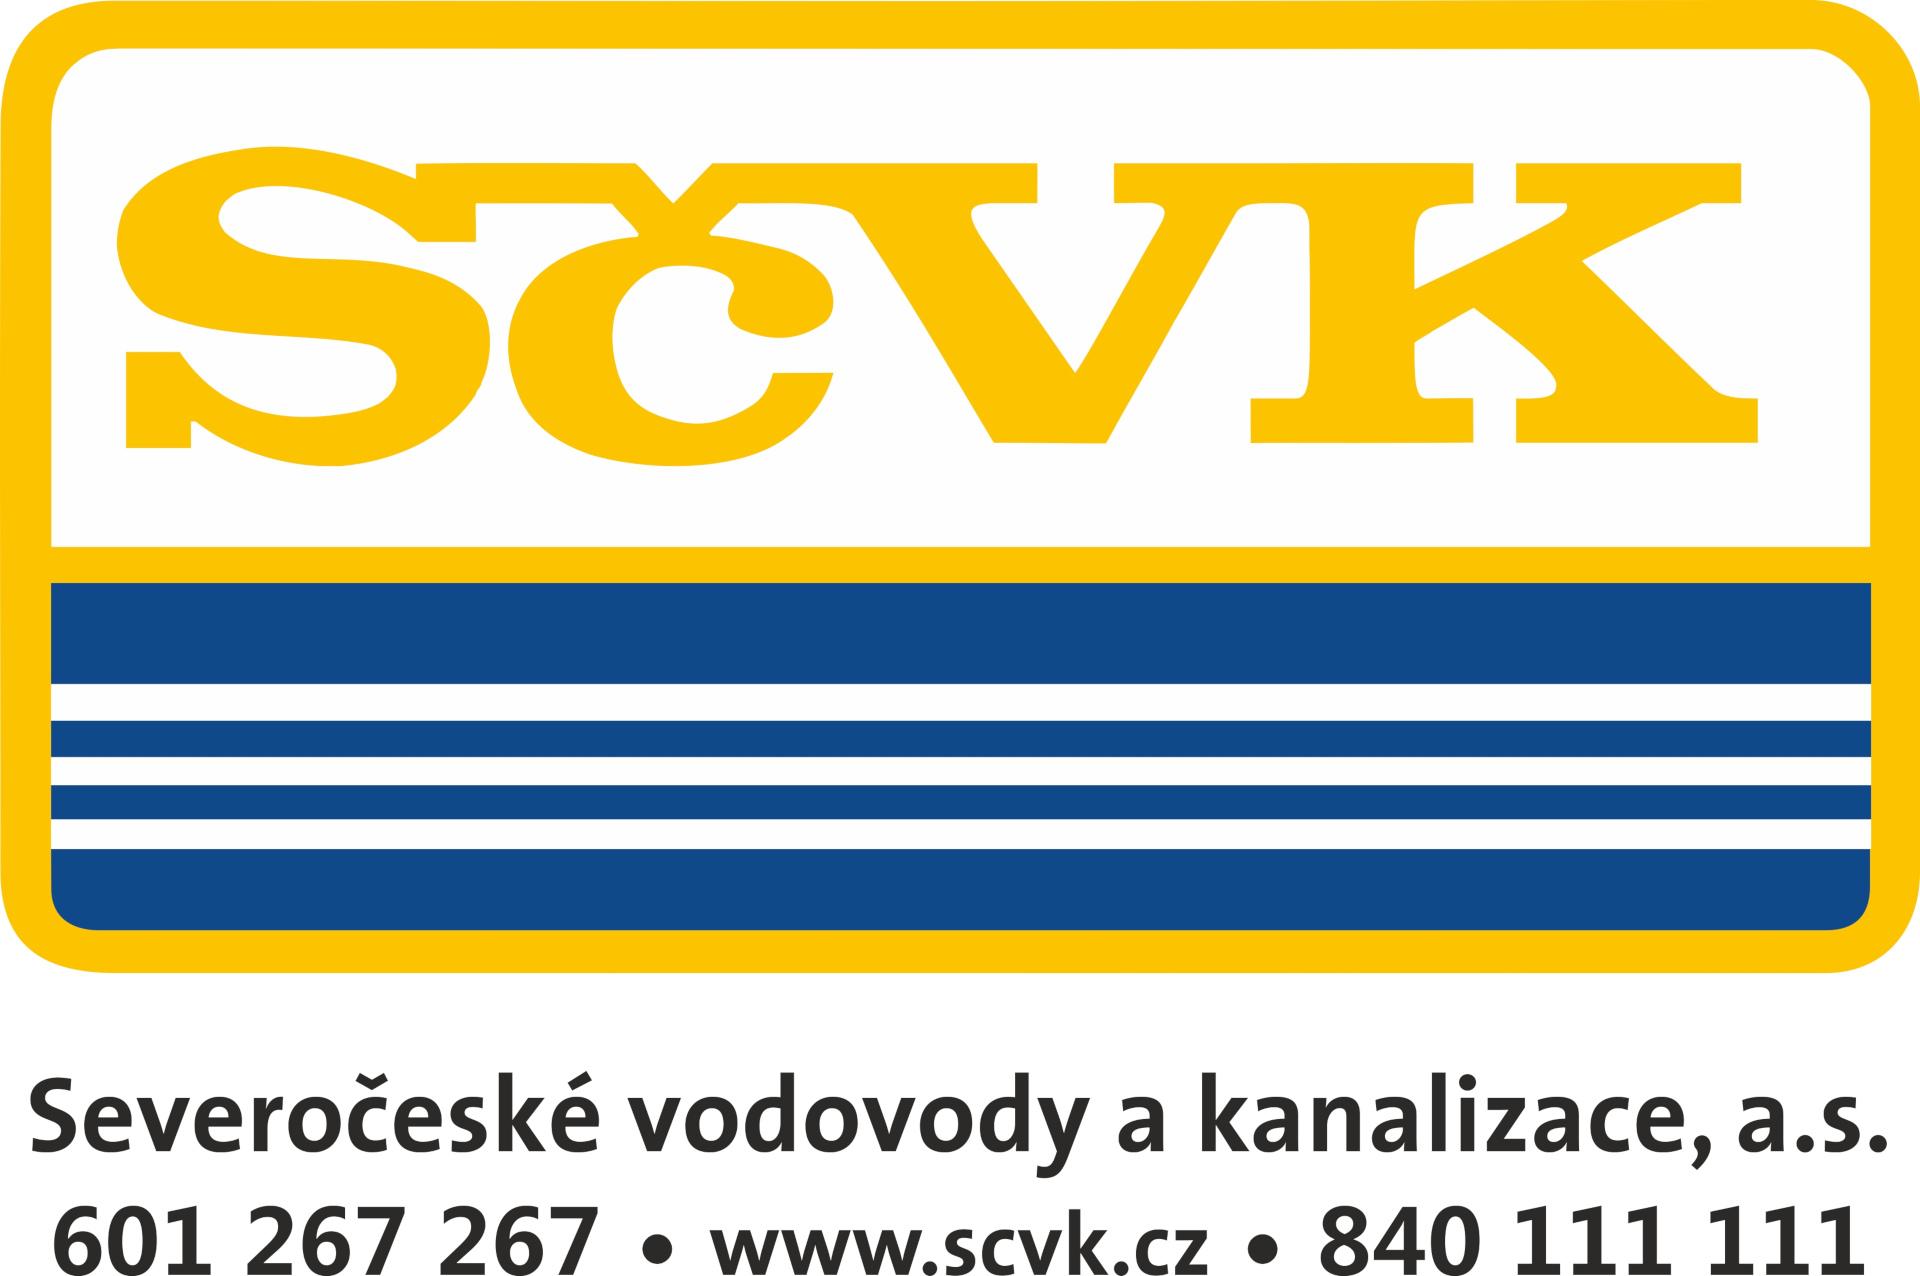 SČVK - Severočeské vodovody a kanalizace ,a.s.